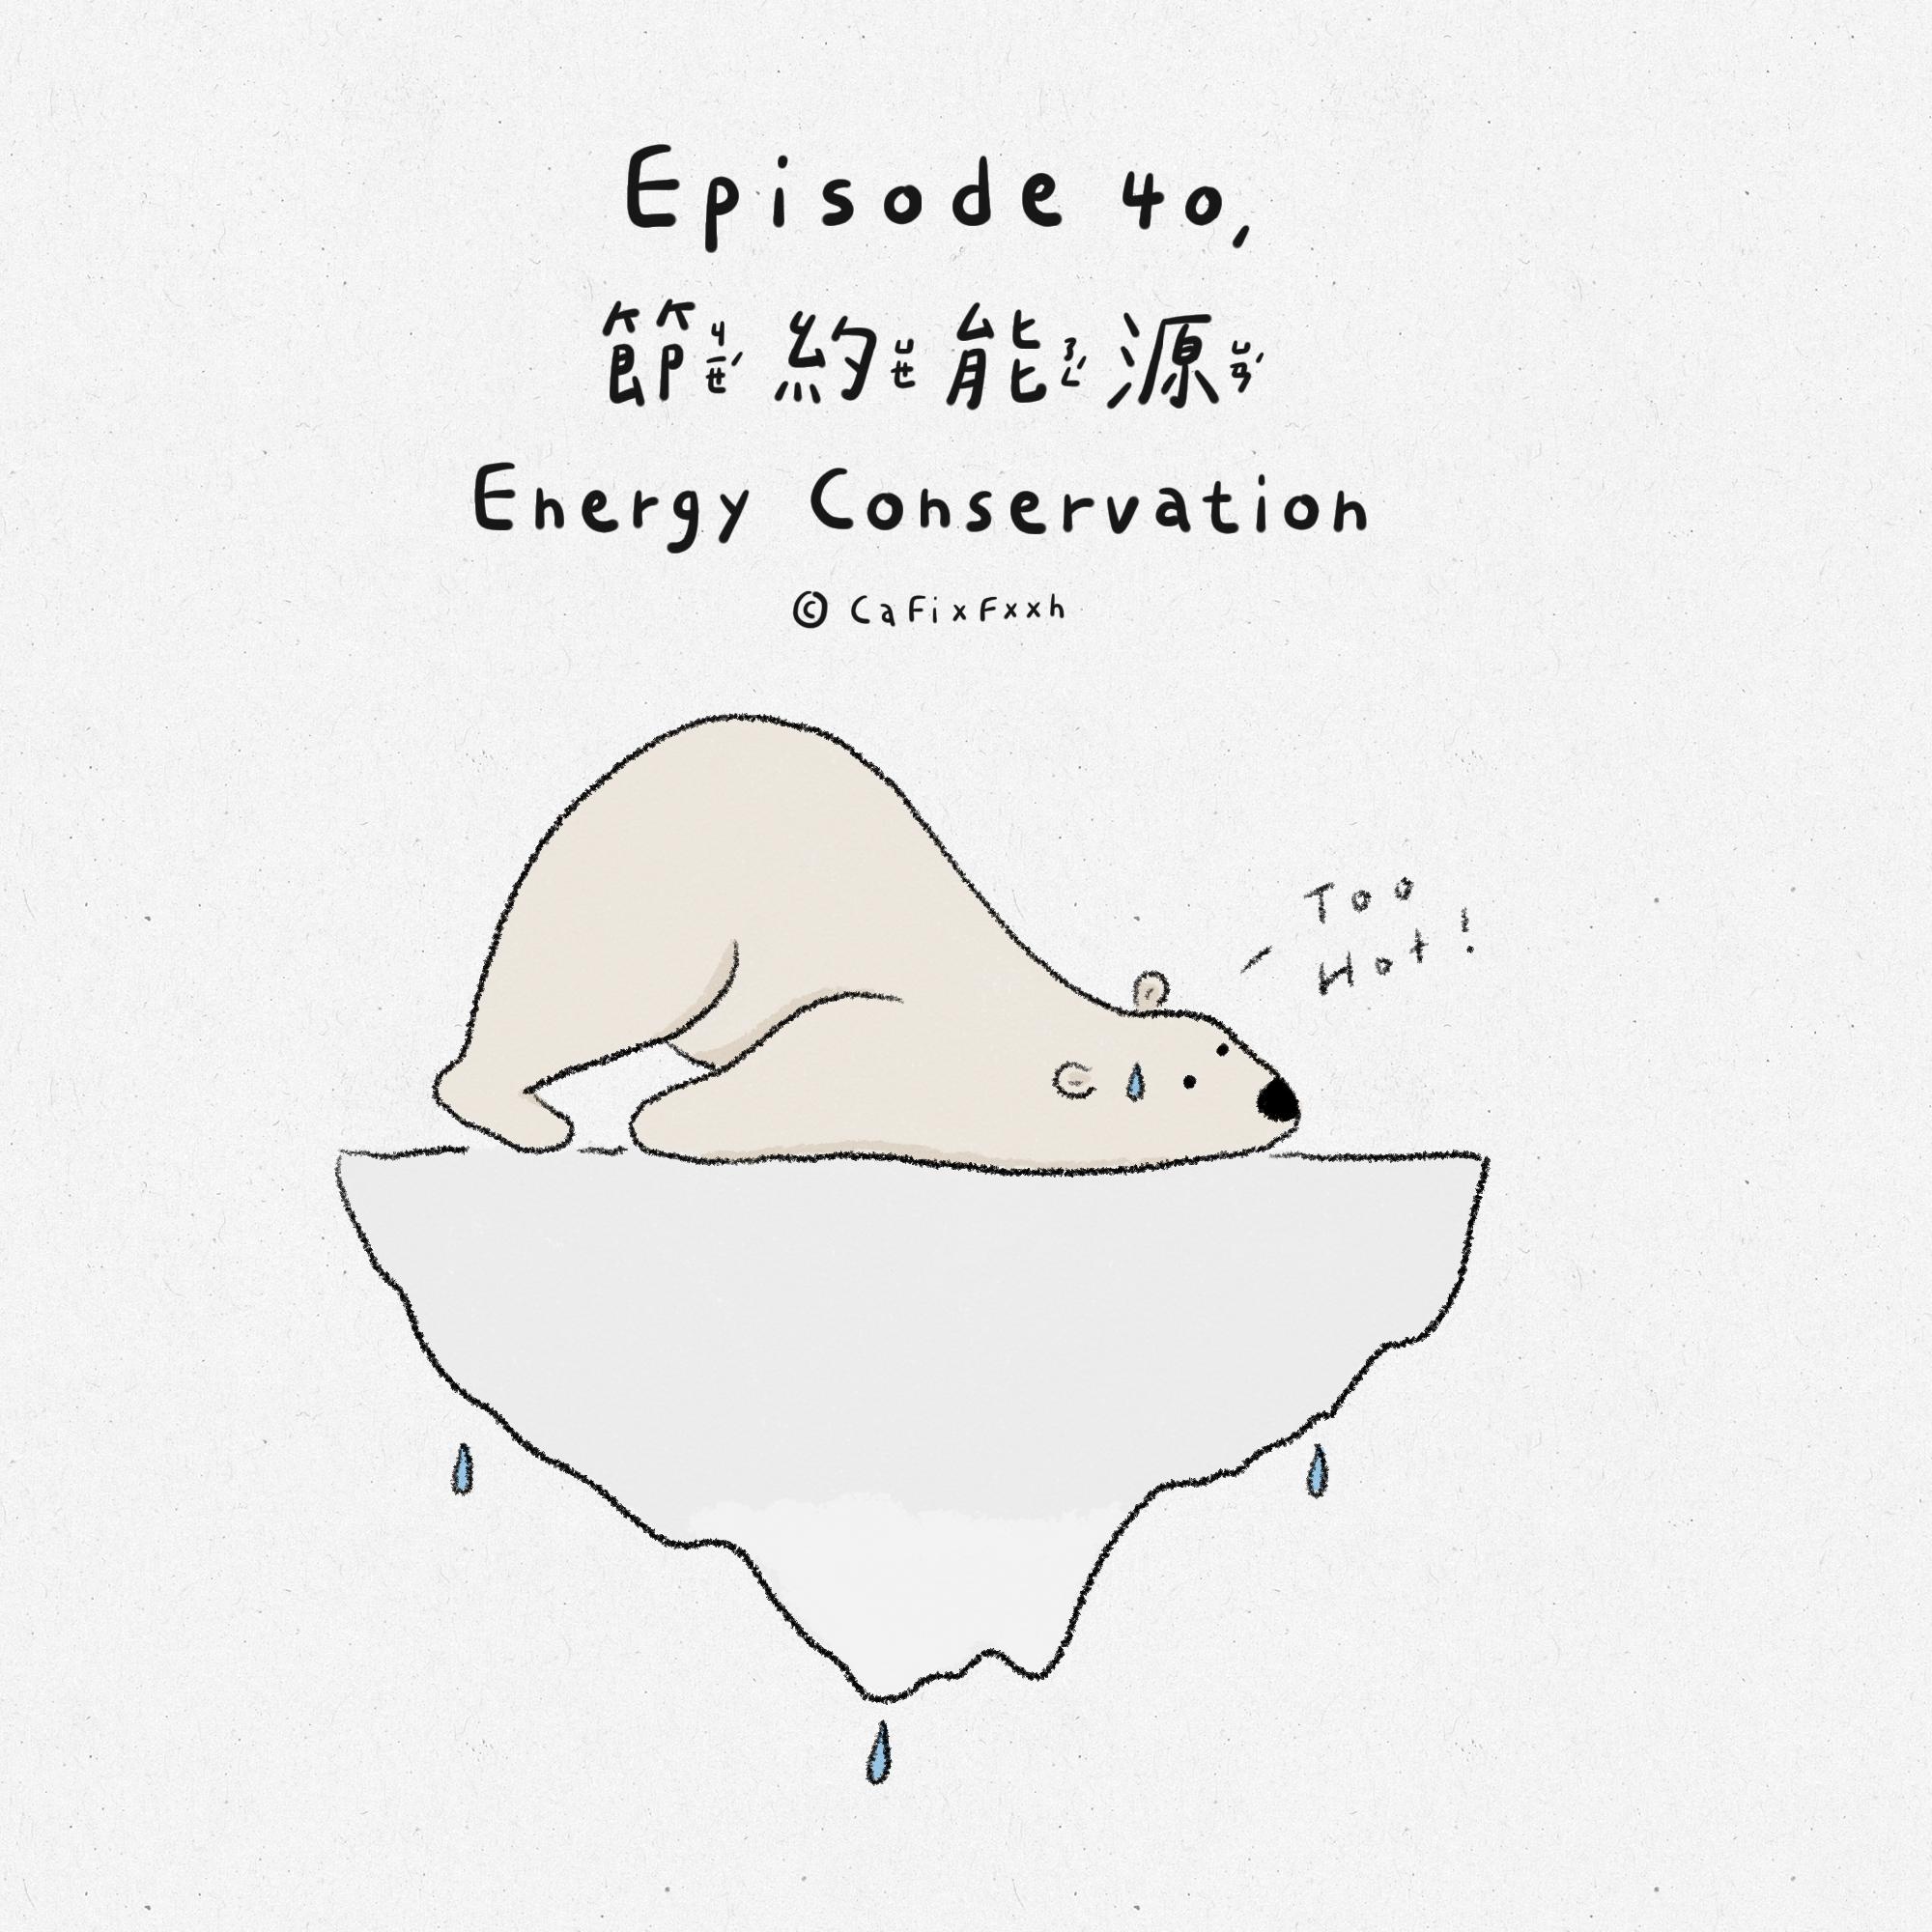 EP40. 夏季小故事>>節約能源!